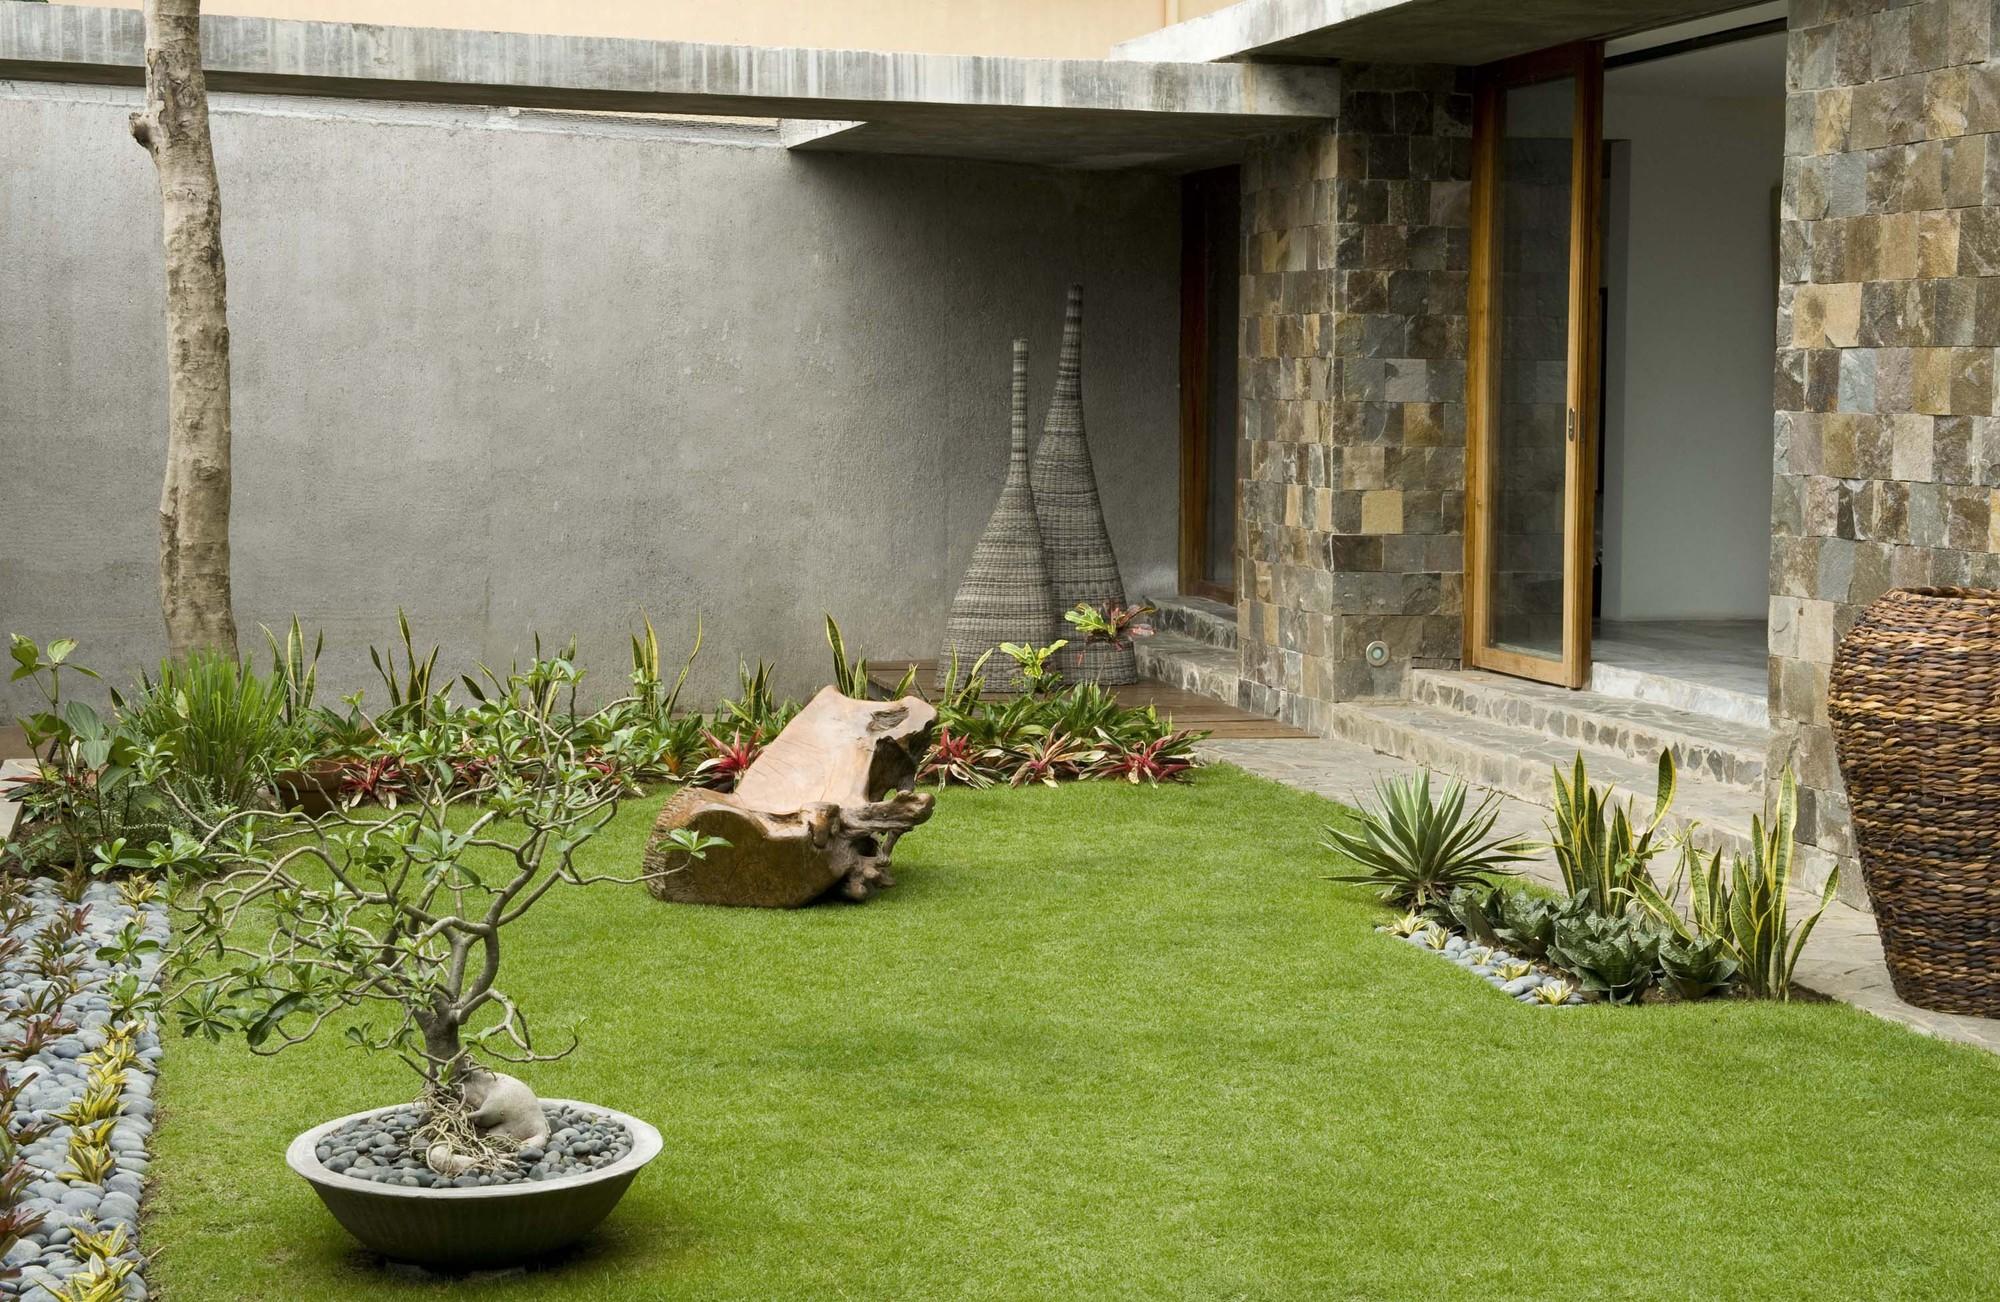 Dise o de casa r stica fachada interiores y planos for Casa minimalista rustica